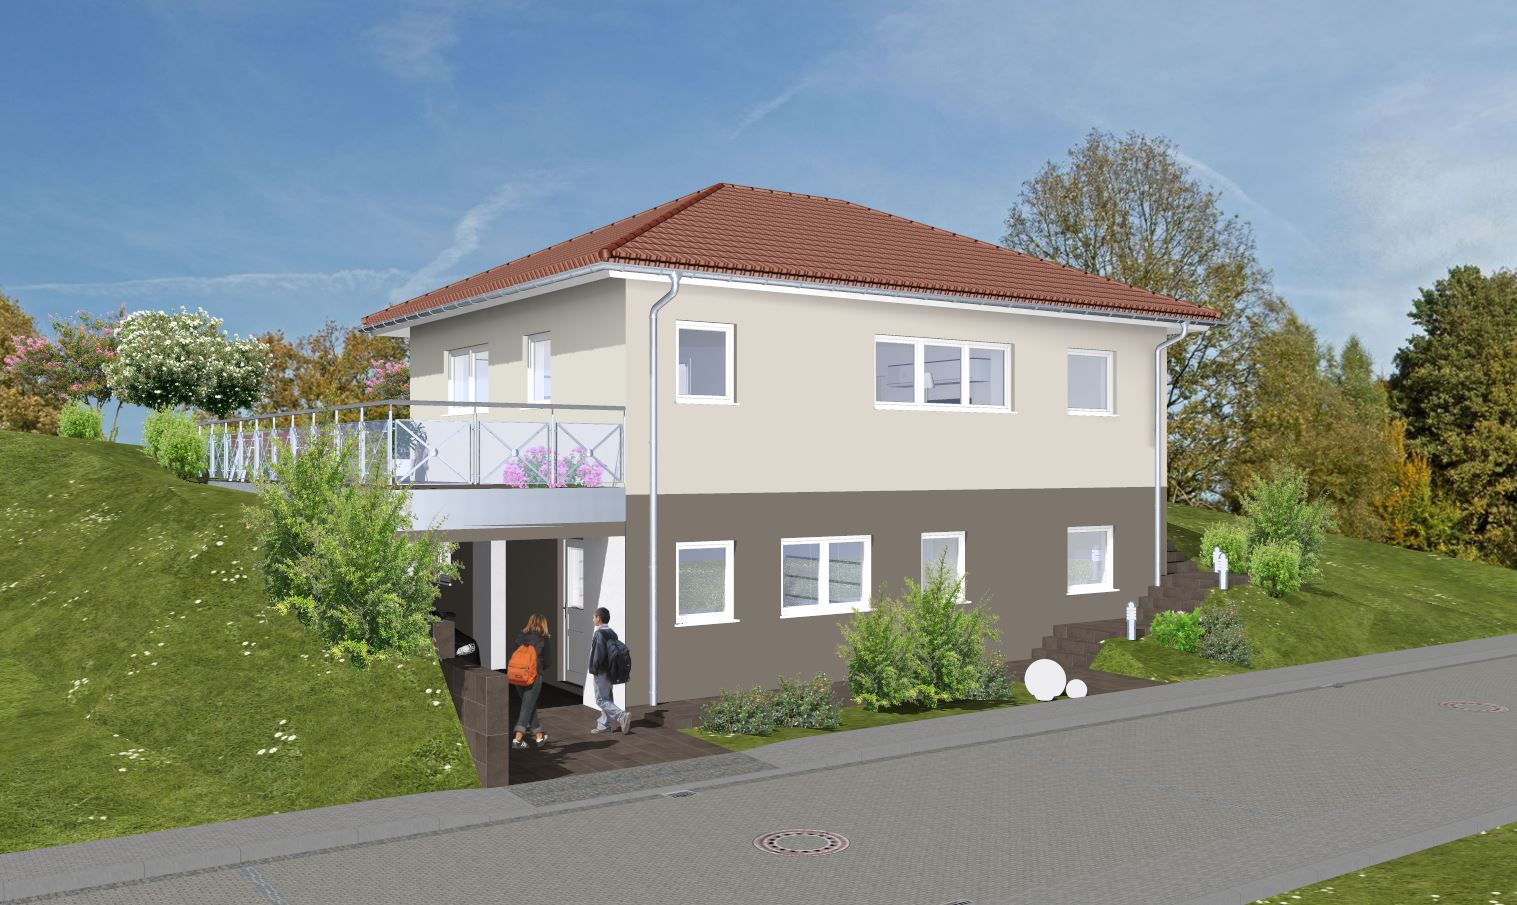 Bauvorhaben ARTOS HAUS in 53804 Much | Einfamilienhaus in Hanglage